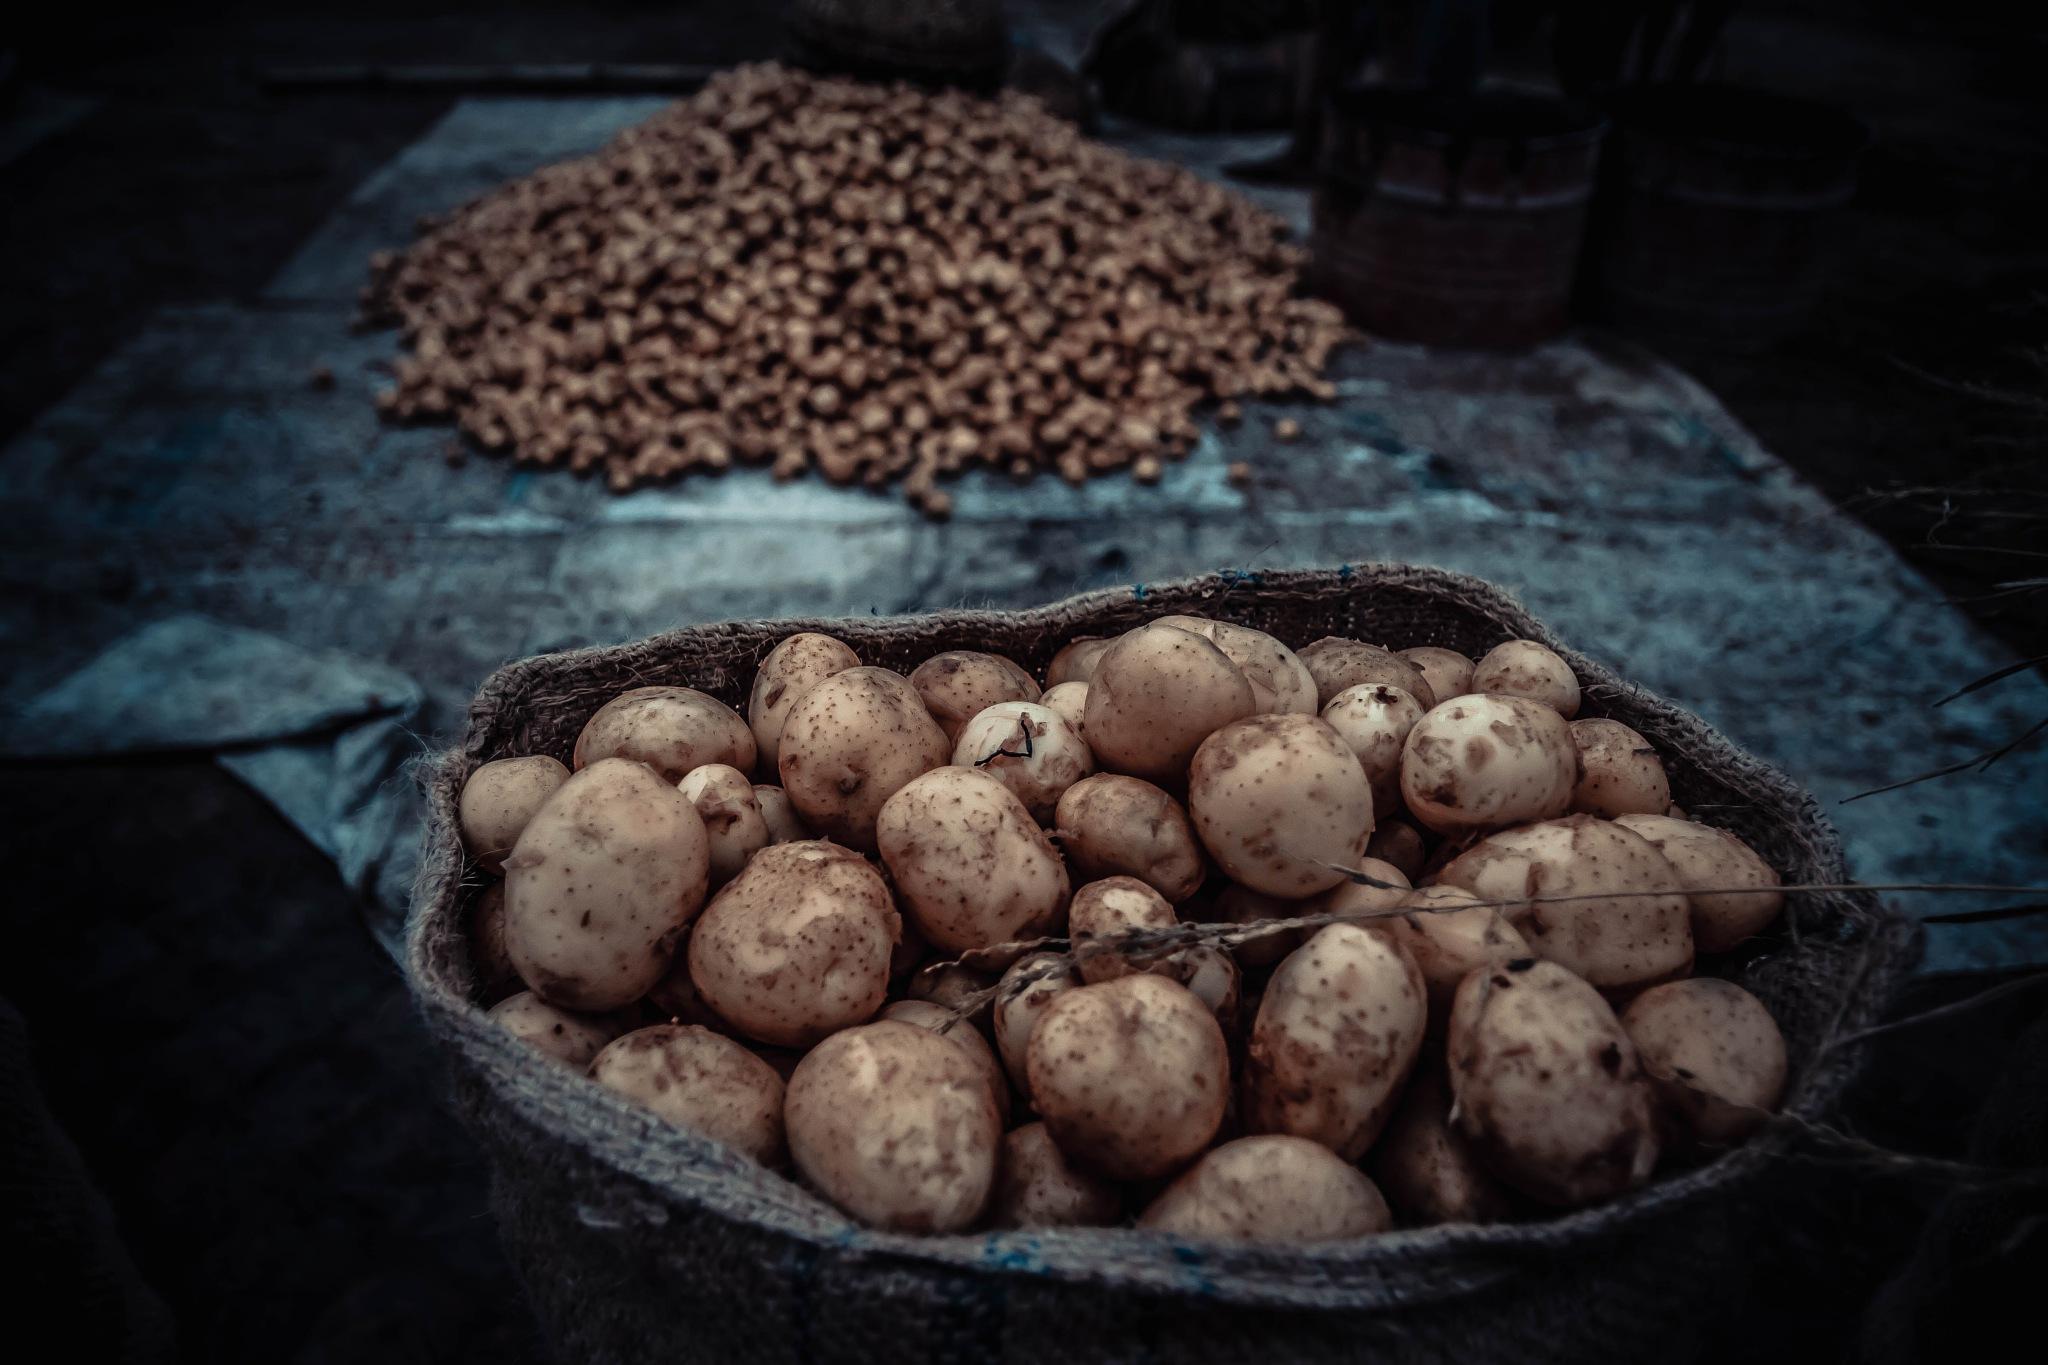 Potato by Mursadur Rahman Akash